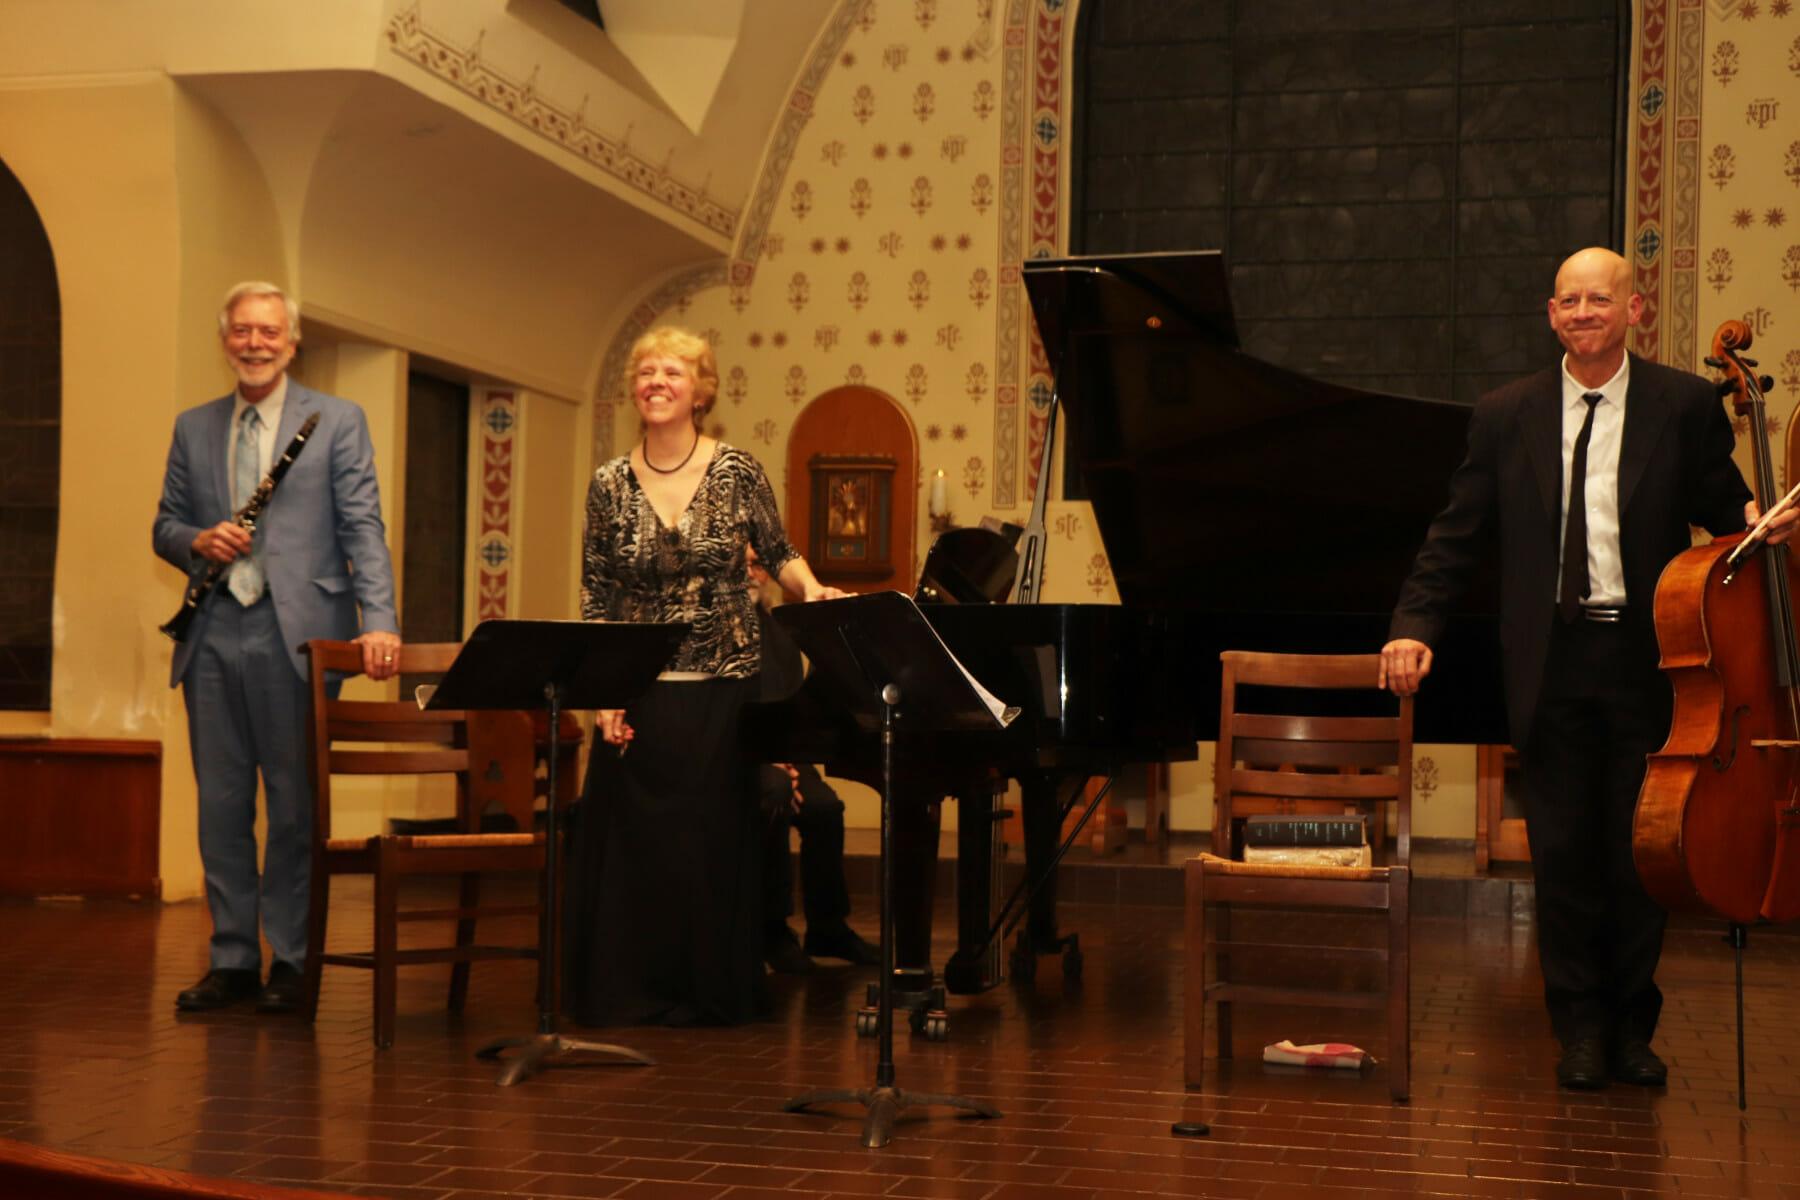 Joseph Rutkowski and Marcia Eckert